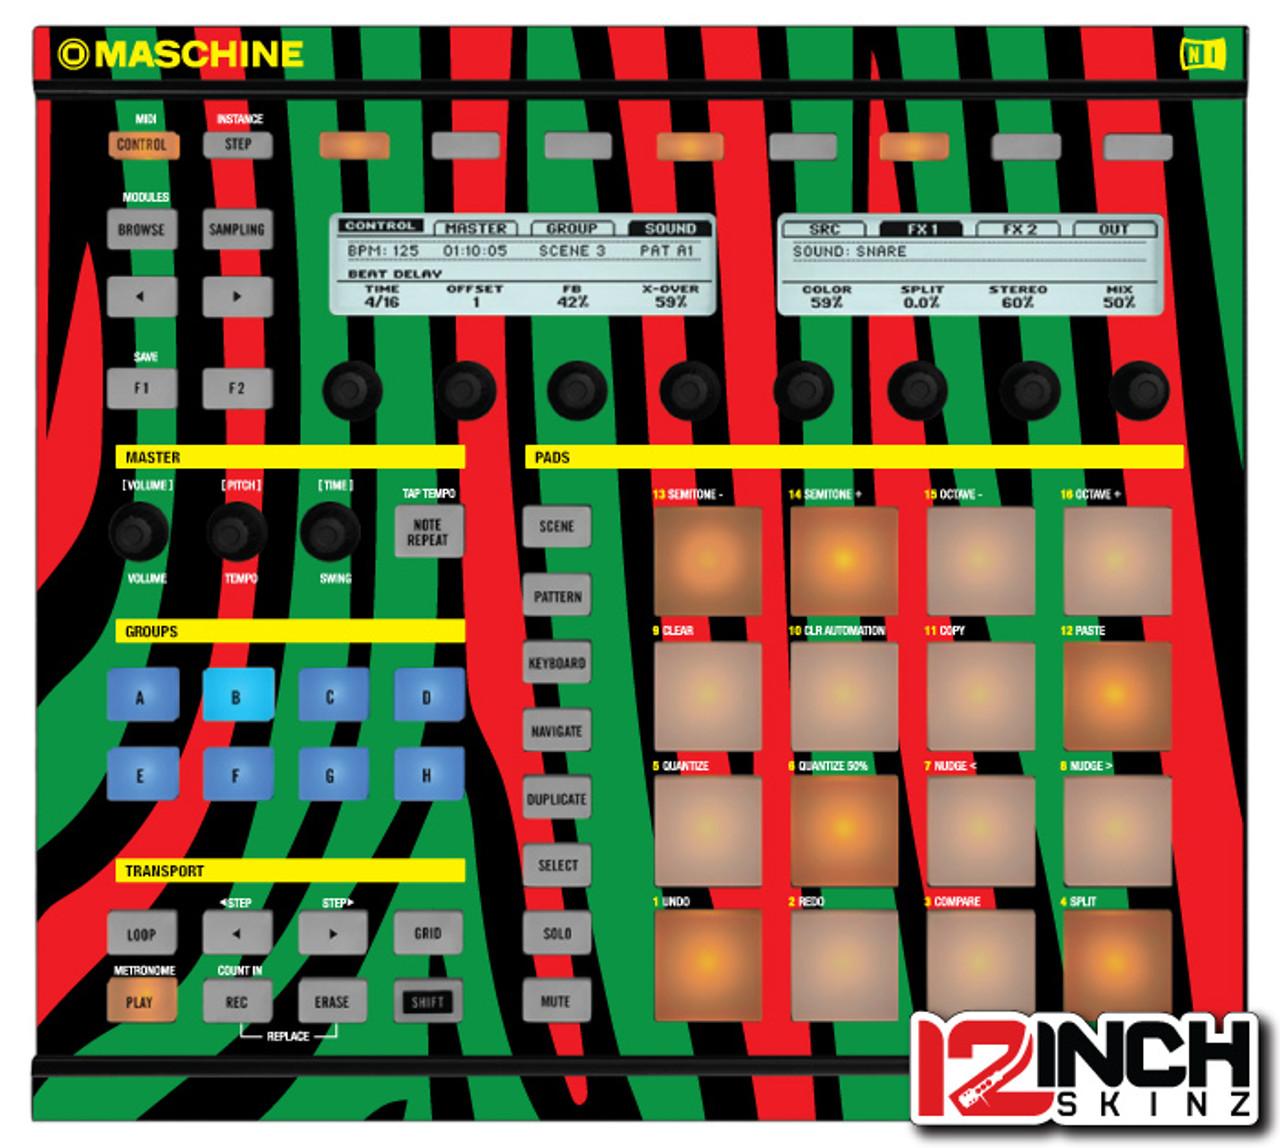 Native Instruments Maschine MK1 Skinz - Midnight Maschine